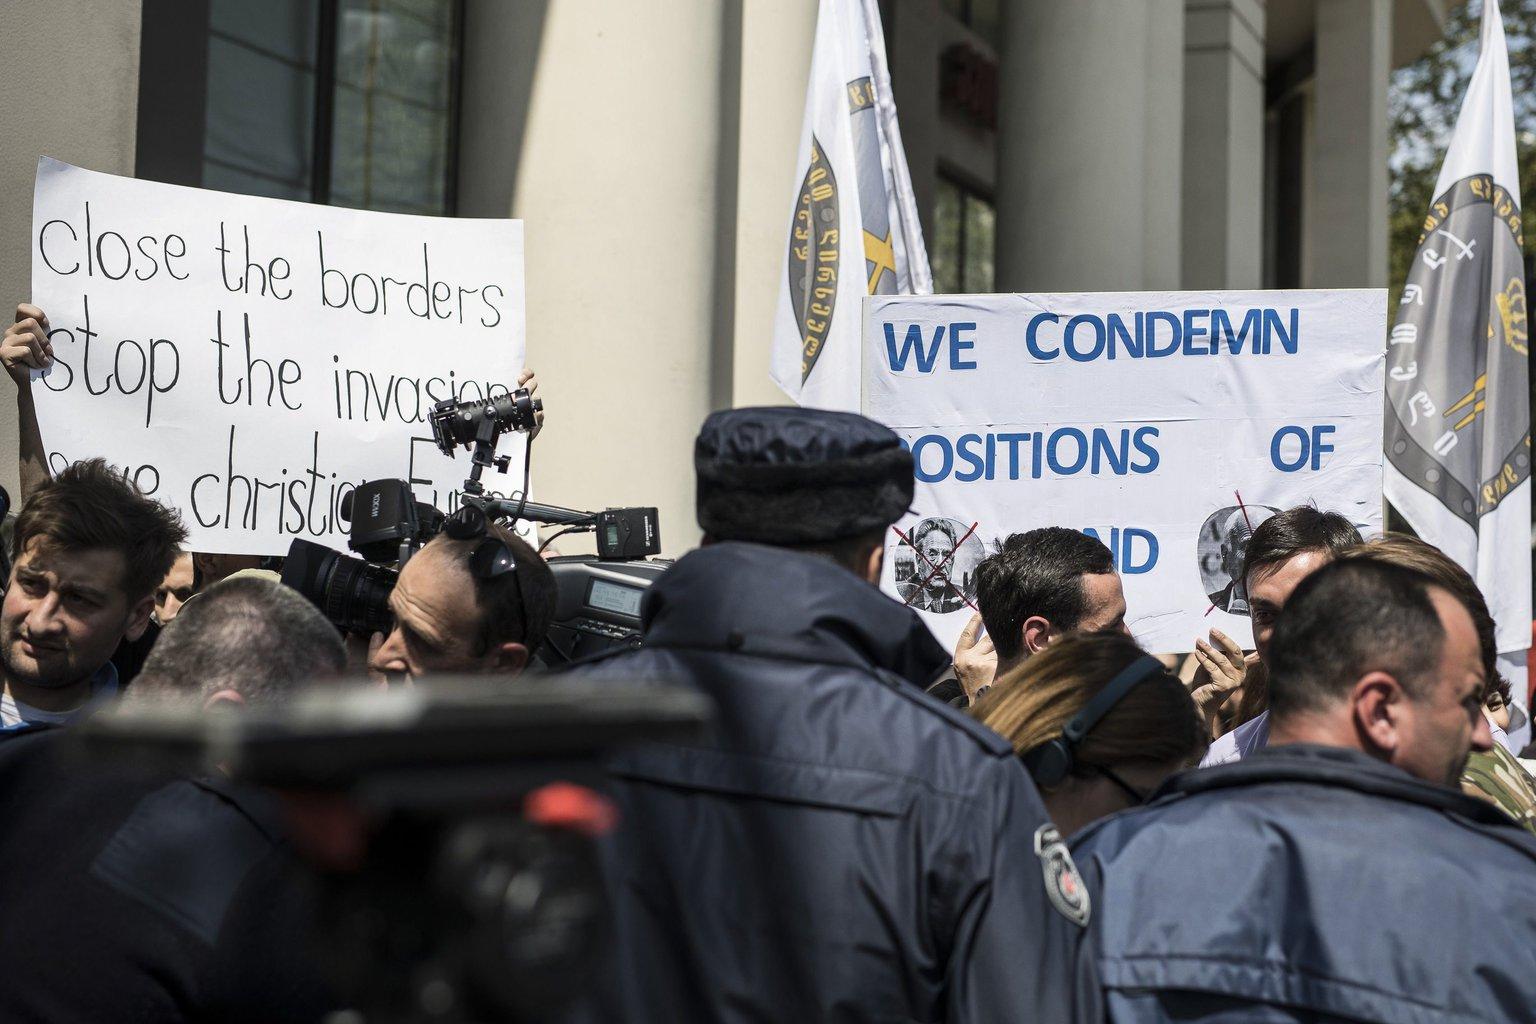 A Miniszterelnöki Sajtóiroda által közzétett képen Orbán Viktor miniszterelnök politikáját támogató tüntetők a magyar-grúz üzleti fórumnak helyet adó szálloda előtt Tbilisziben 2017. április 21-én. MTI Fotó: Miniszterelnöki Sajtóiroda / Szecsődi Balázs